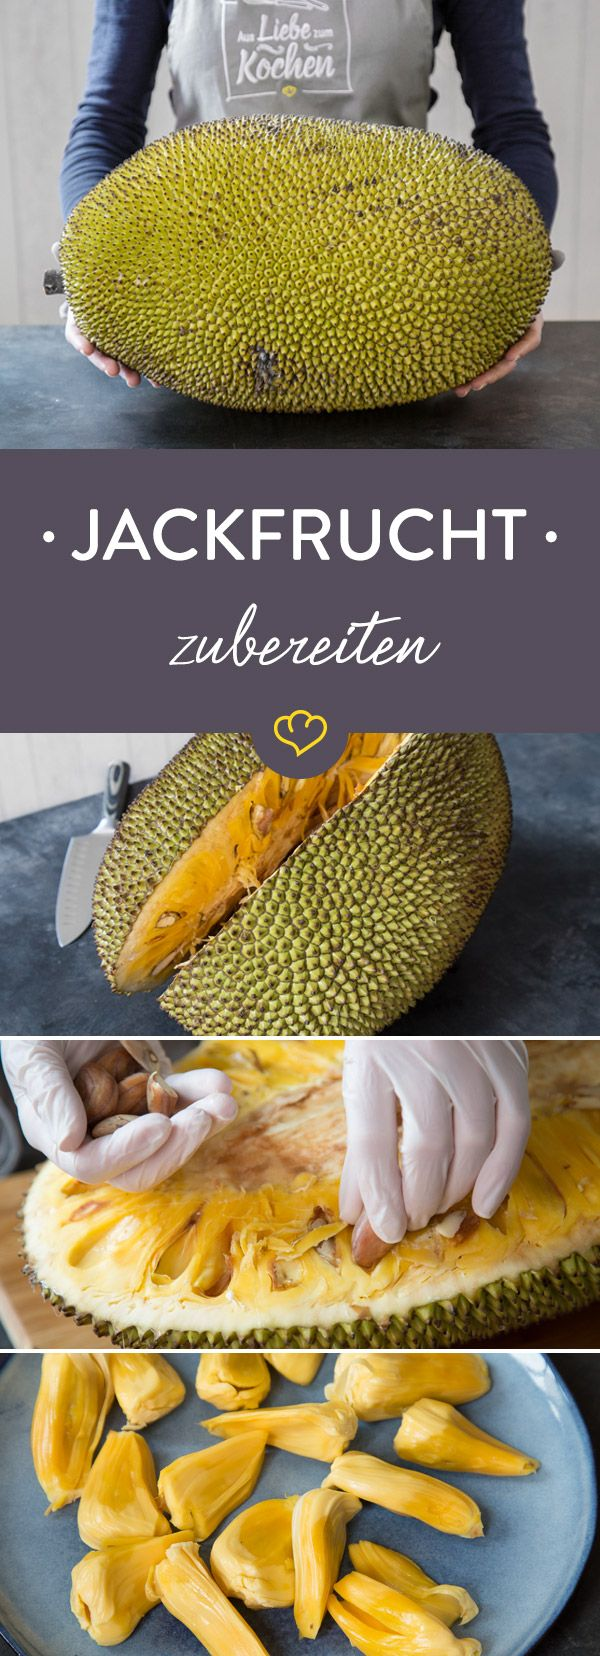 Was ist eigentlich eine Jackfrucht? Was lässt sich mit ihr machen? Erfahre hier alles Wissenswerte, wie du sie richtig zubereitest und tolle Rezeptideen..